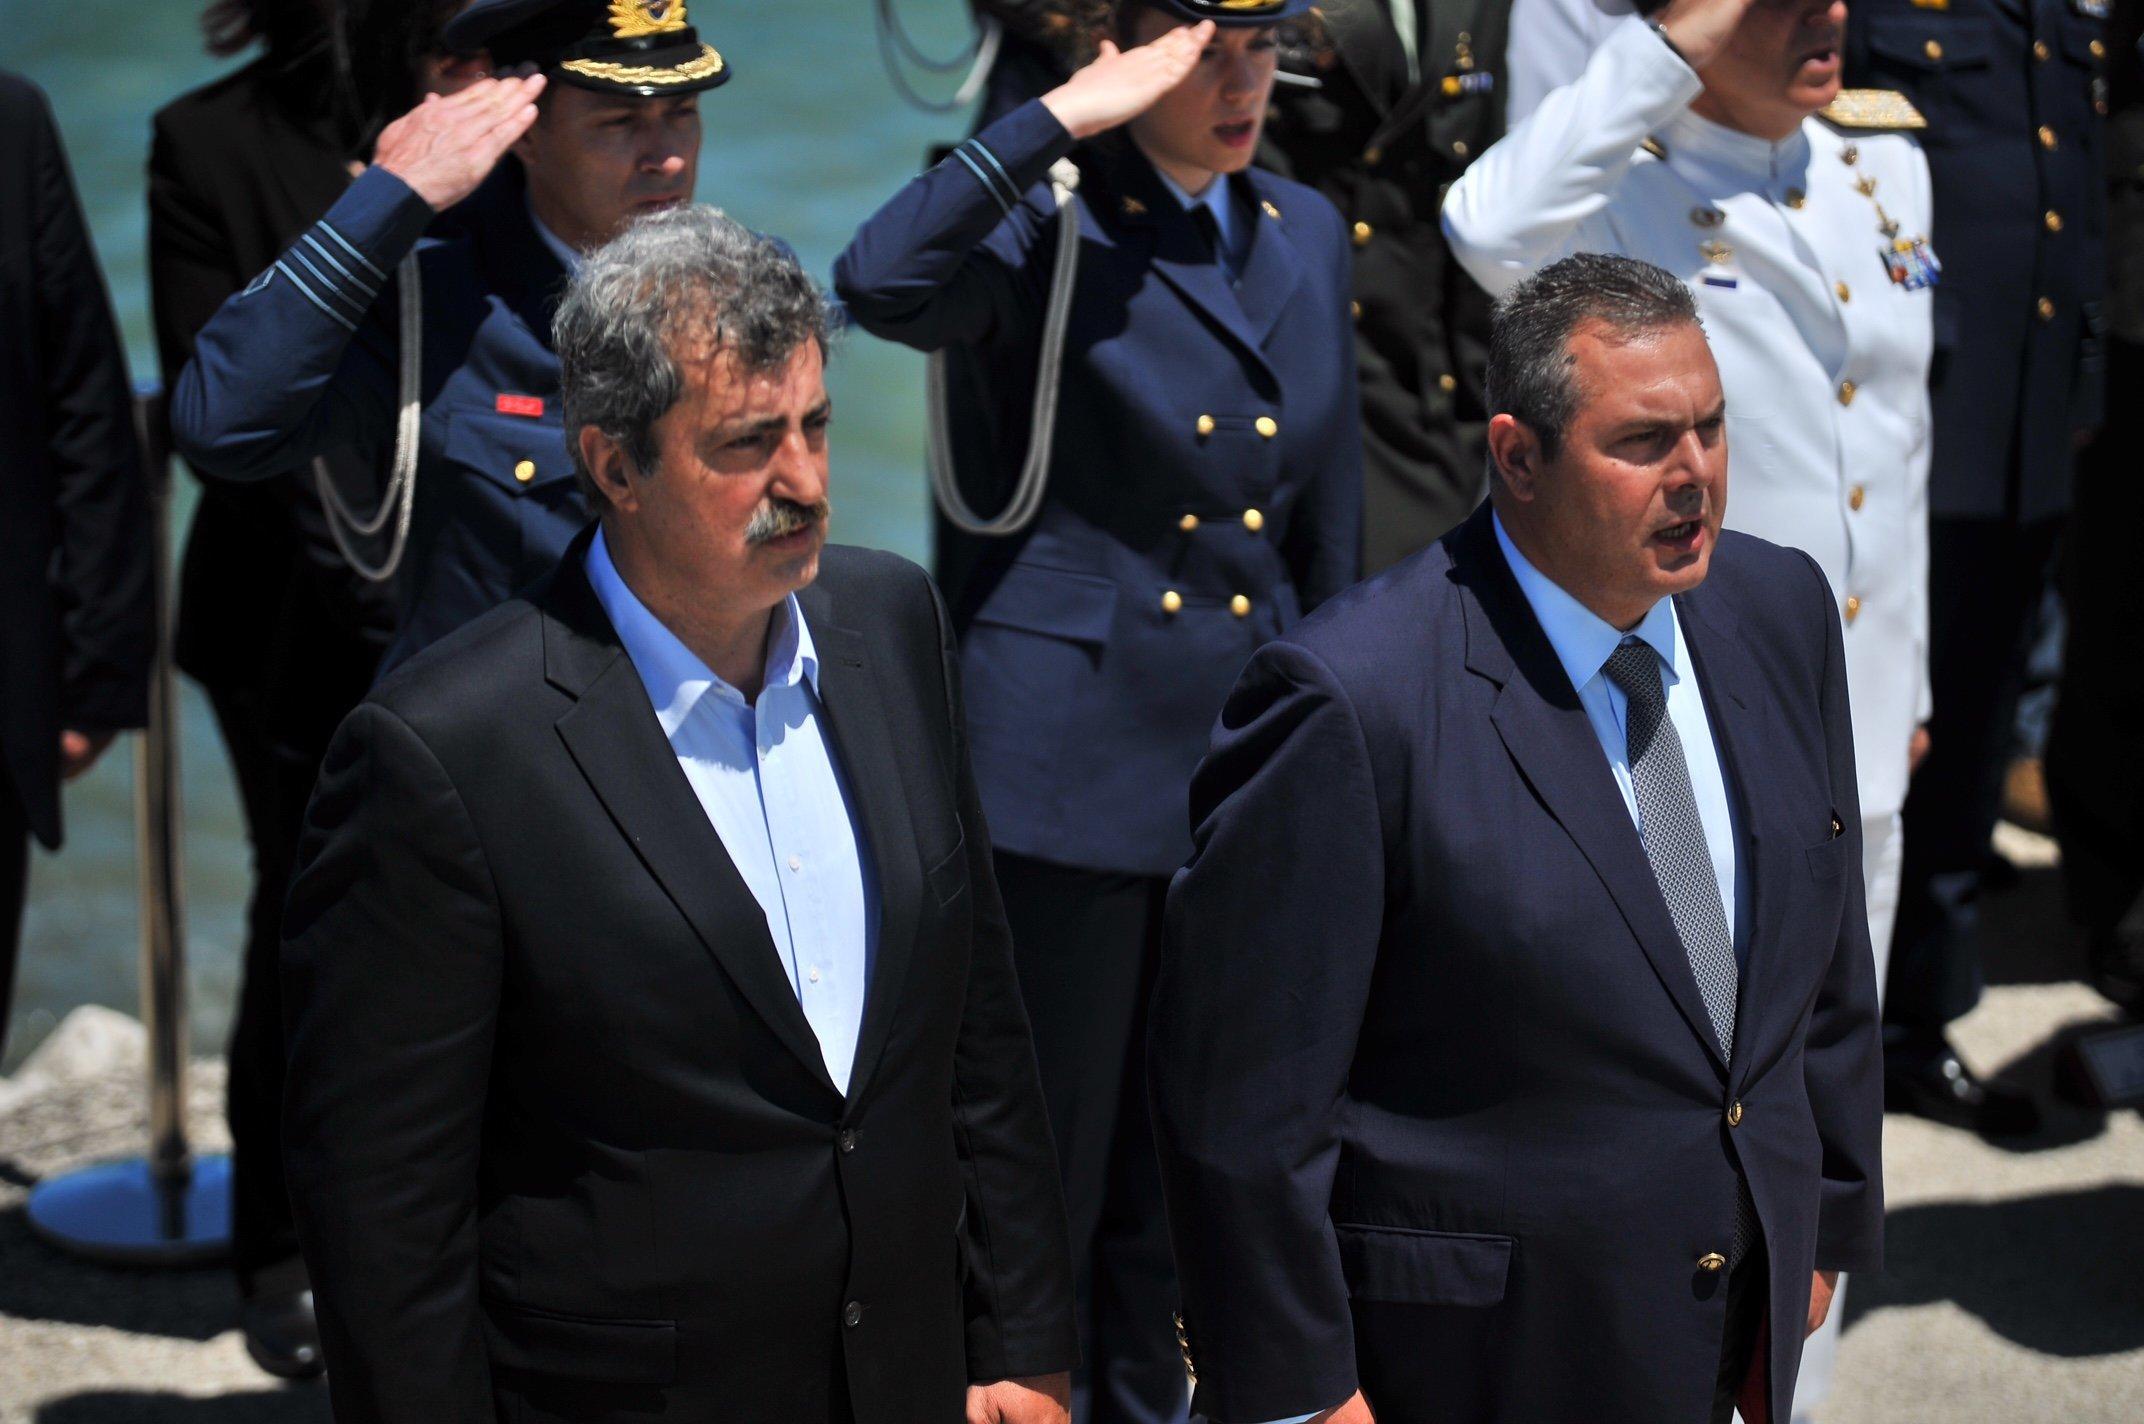 Καμμένος: «Ξεχωρίζω από τον ΣΥΡΙΖΑ τον Πολάκη, γιατί ό,τι έχει να το πει, το λέει